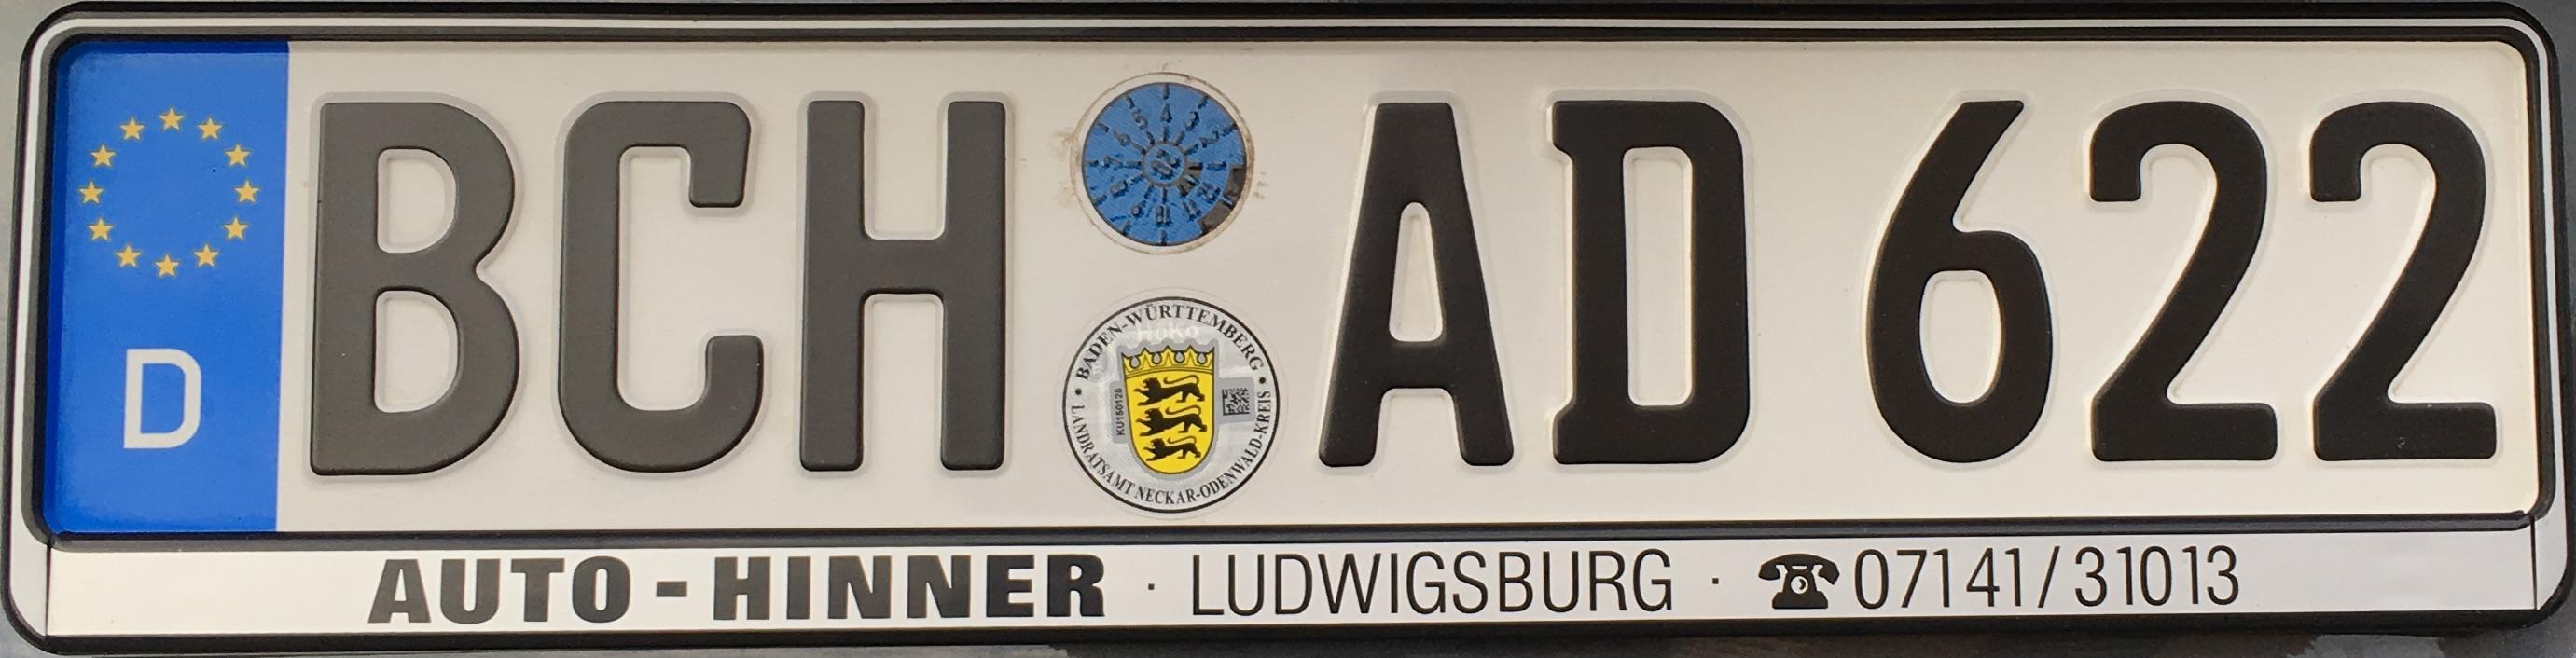 Registrační značky Německo - BCH - Buchen, foto: podalnici.cz